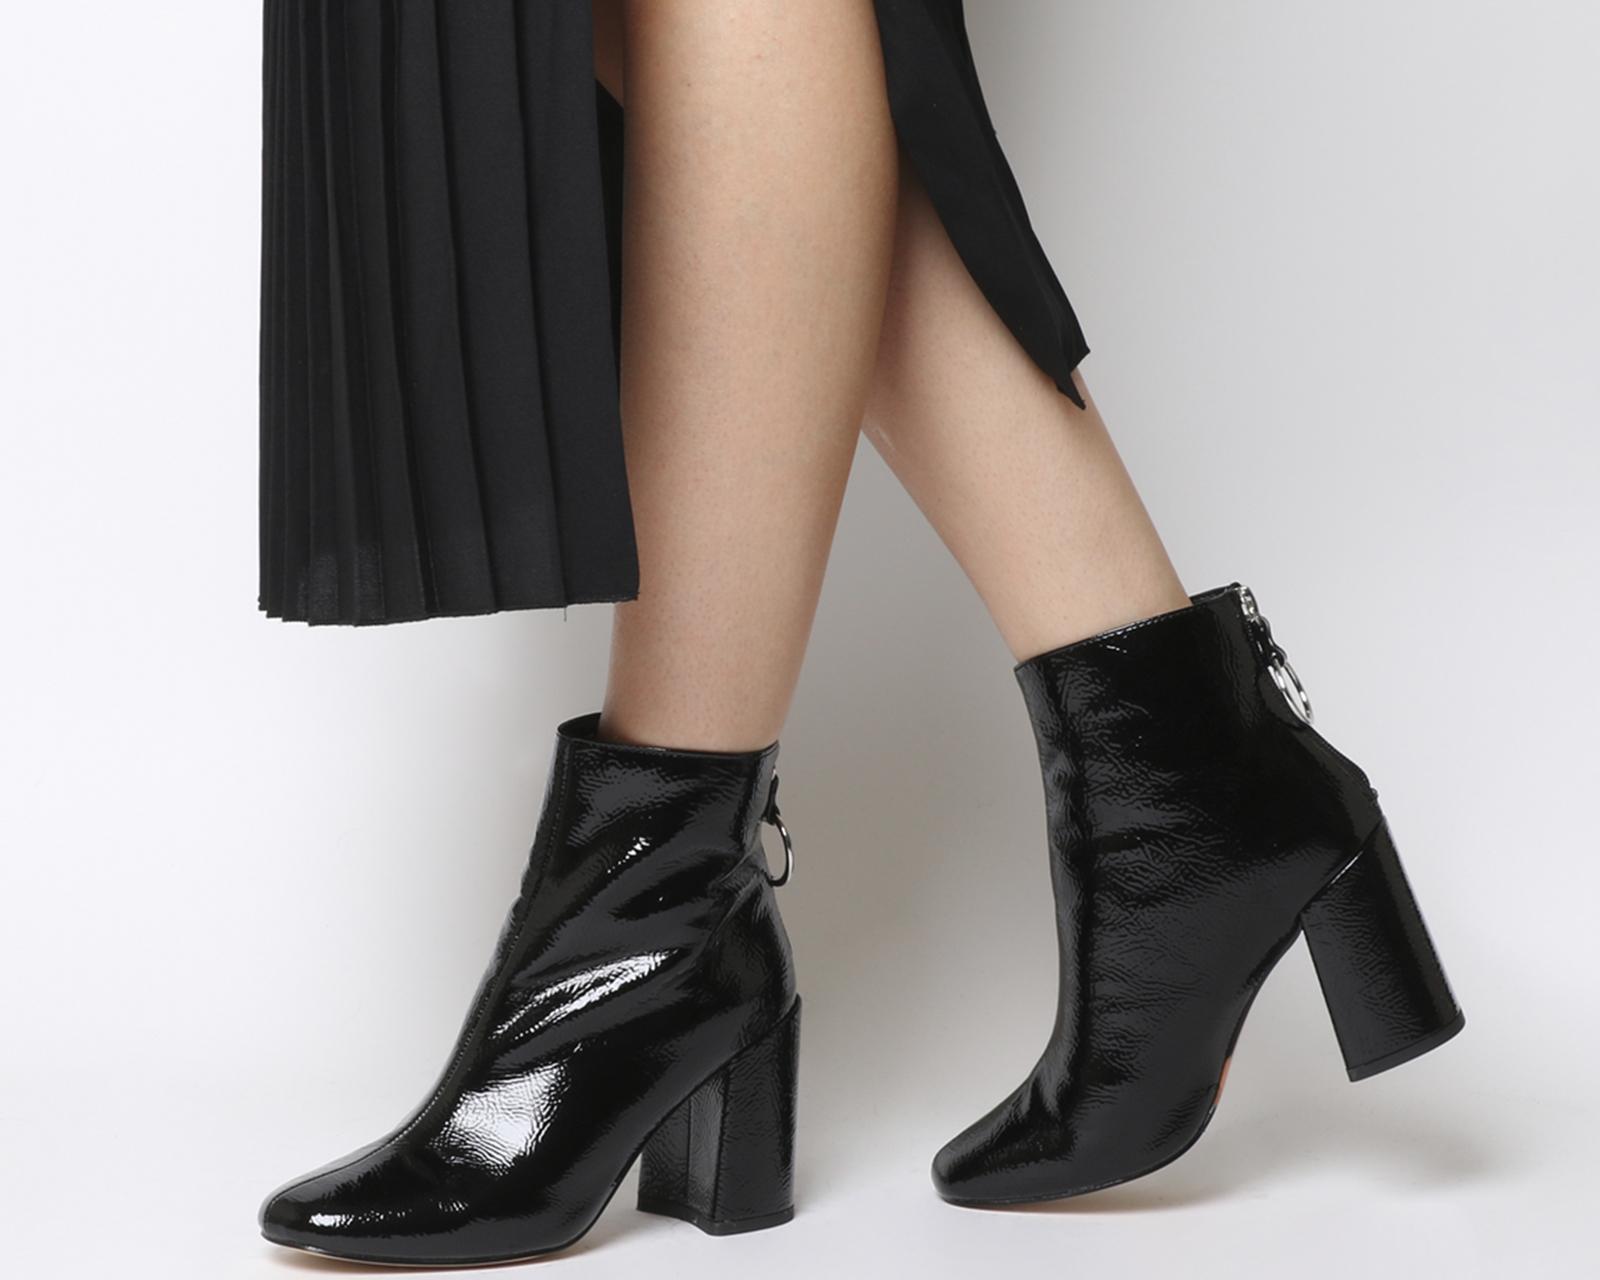 86bfad013 CENTINELA Las mujeres oficina argón bloque talón detrás el cierre relámpago  botas de negro patente